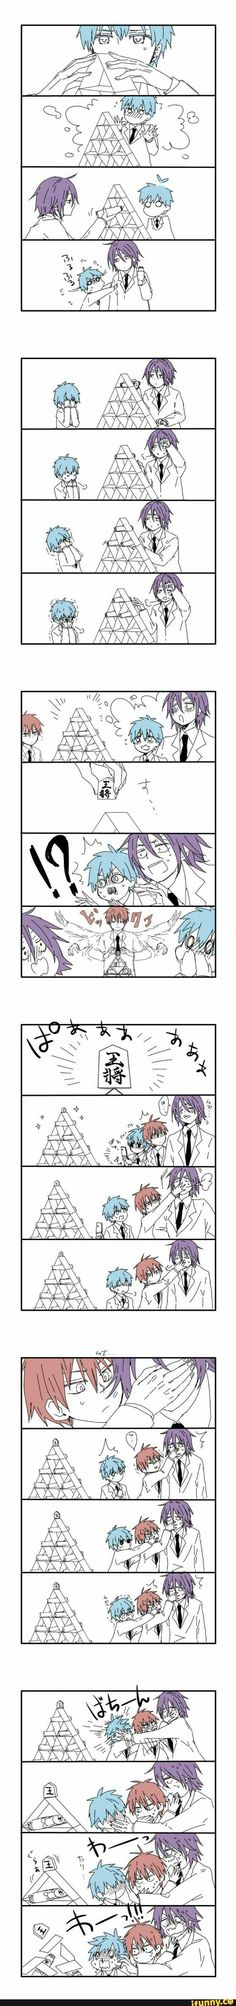 Kuroko, Murasakibara & Akashi